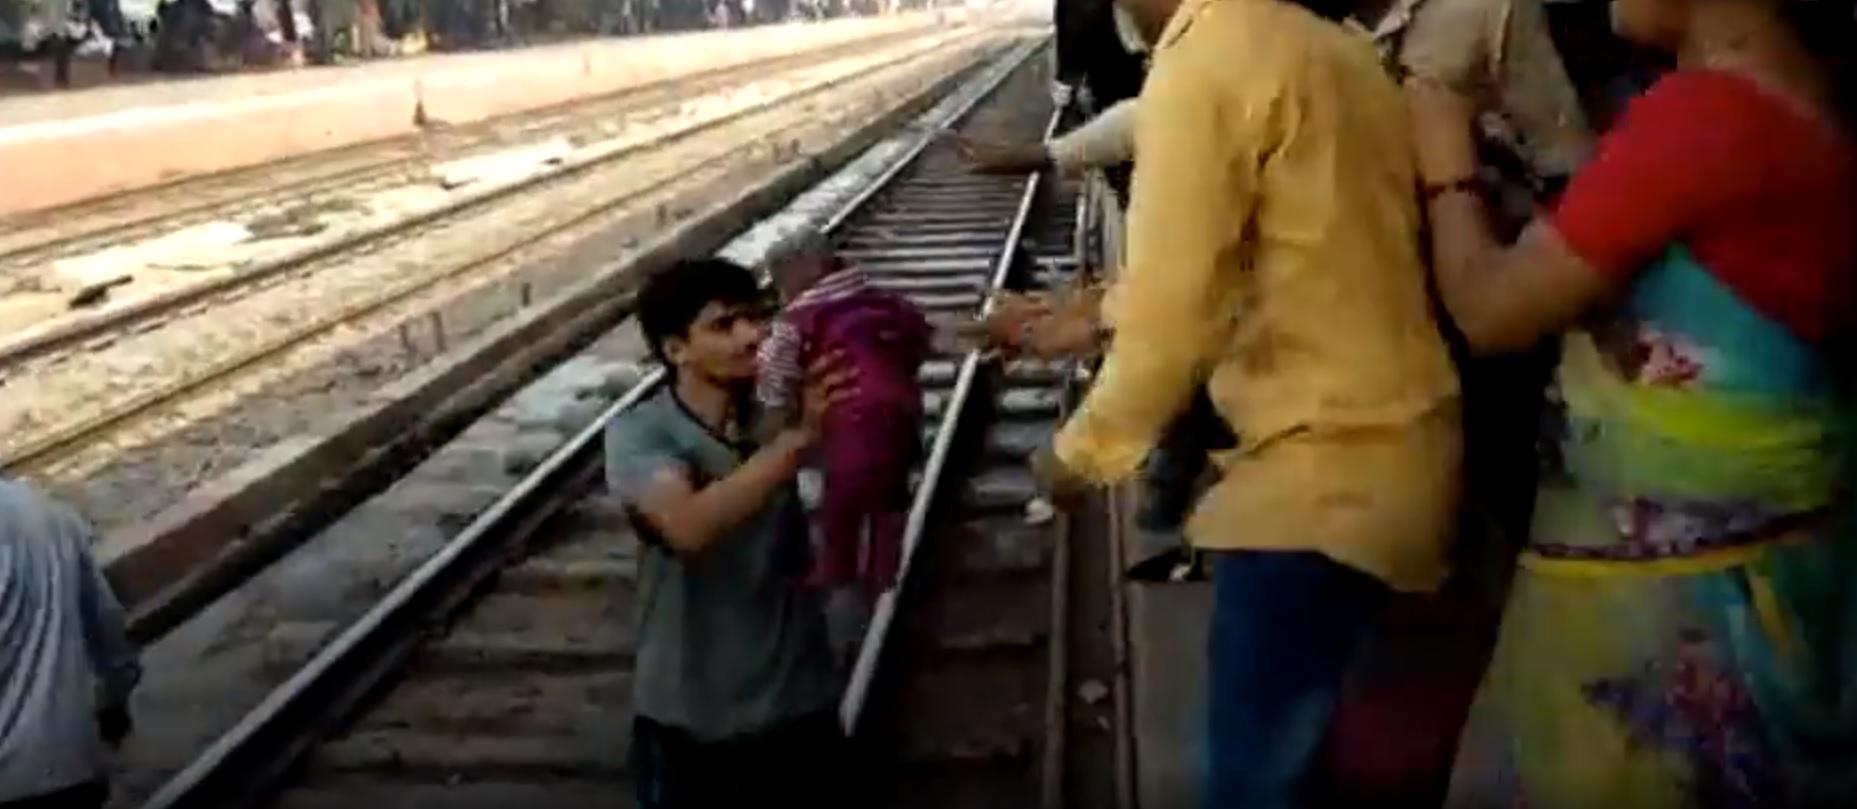 Csoda: vonat alá esett egy csecsemő Indiában és egy karcolás nélkül megúszta